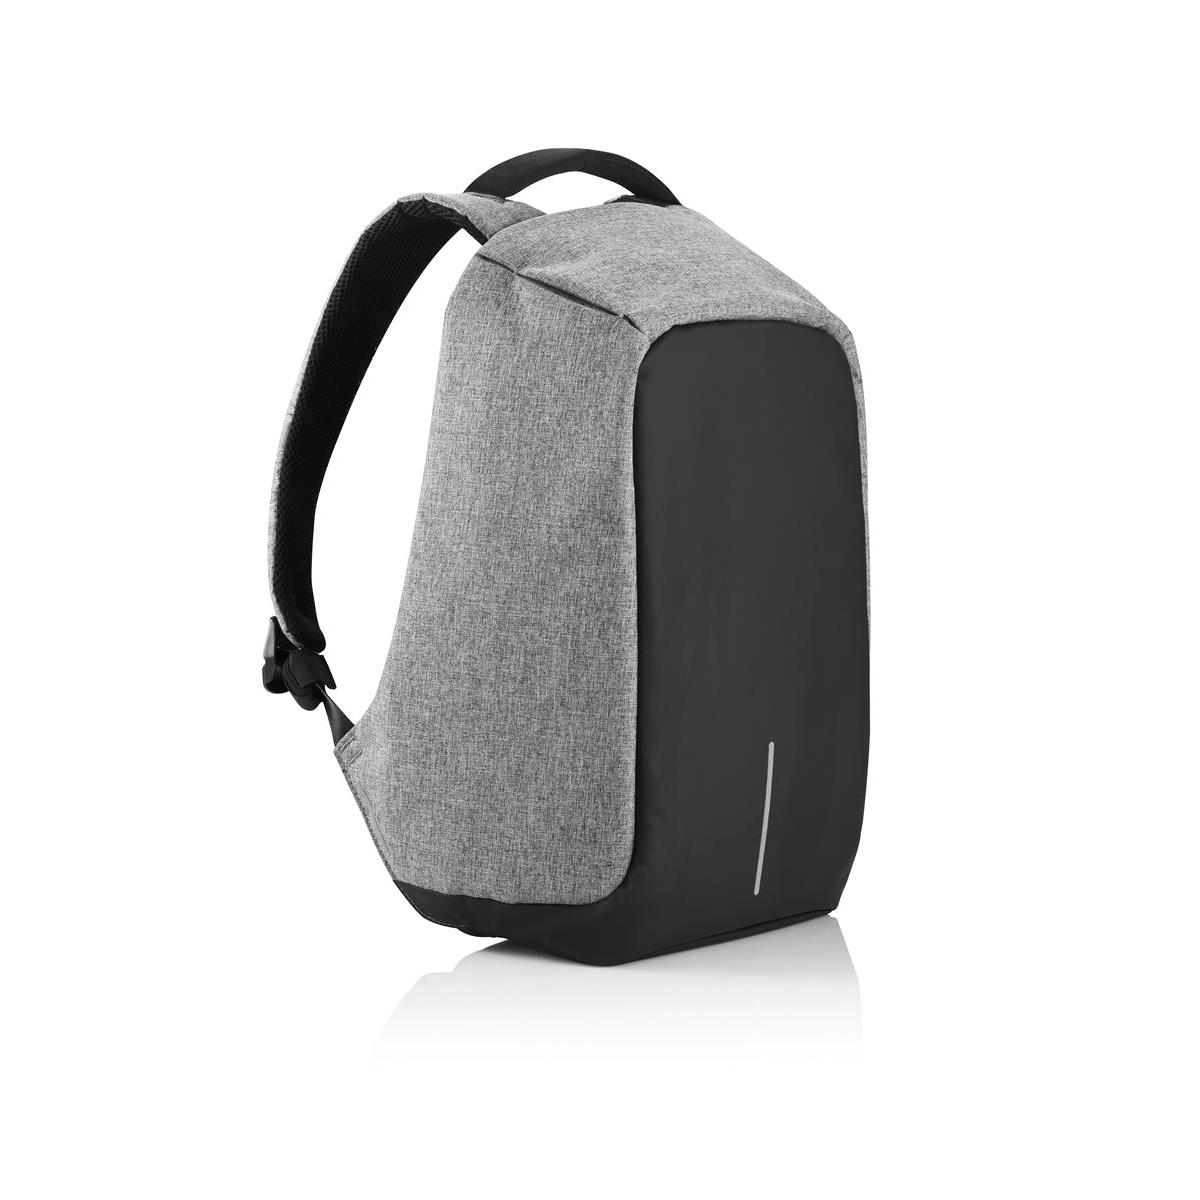 Рюкзак для ноутбука до 15 XD Design Bobby, цвет: серый. Р705.542RivaCase 7560 blue• Полная защита от карманников: не открыть, не порезать• USB-порт для зарядки гаджетов от спрятонного внутри рюкзака аккумулятора• Светоотражающие полосы• Супер-легкий: на 25% легче аналогов• Отделение для ноутбука до 15,6• Отделение для планшета• Влагозащита• Лямка для крепления на чемодан